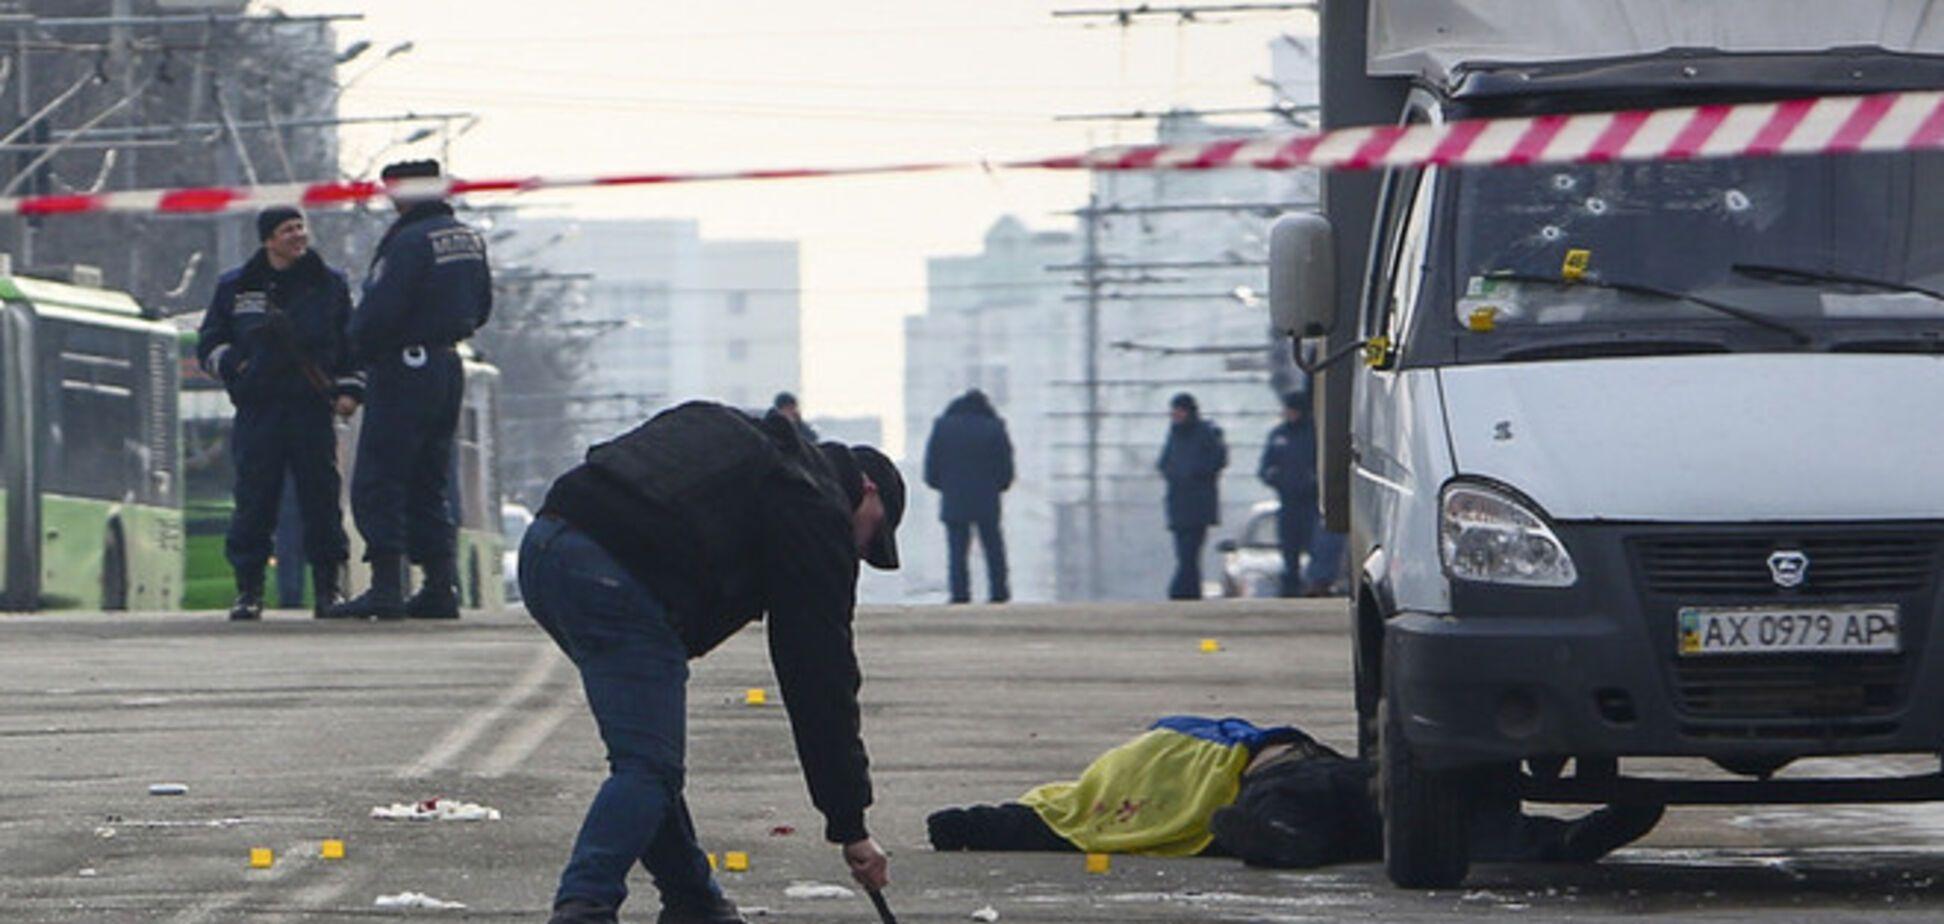 За терактом в Харькове стоит Россия - посол